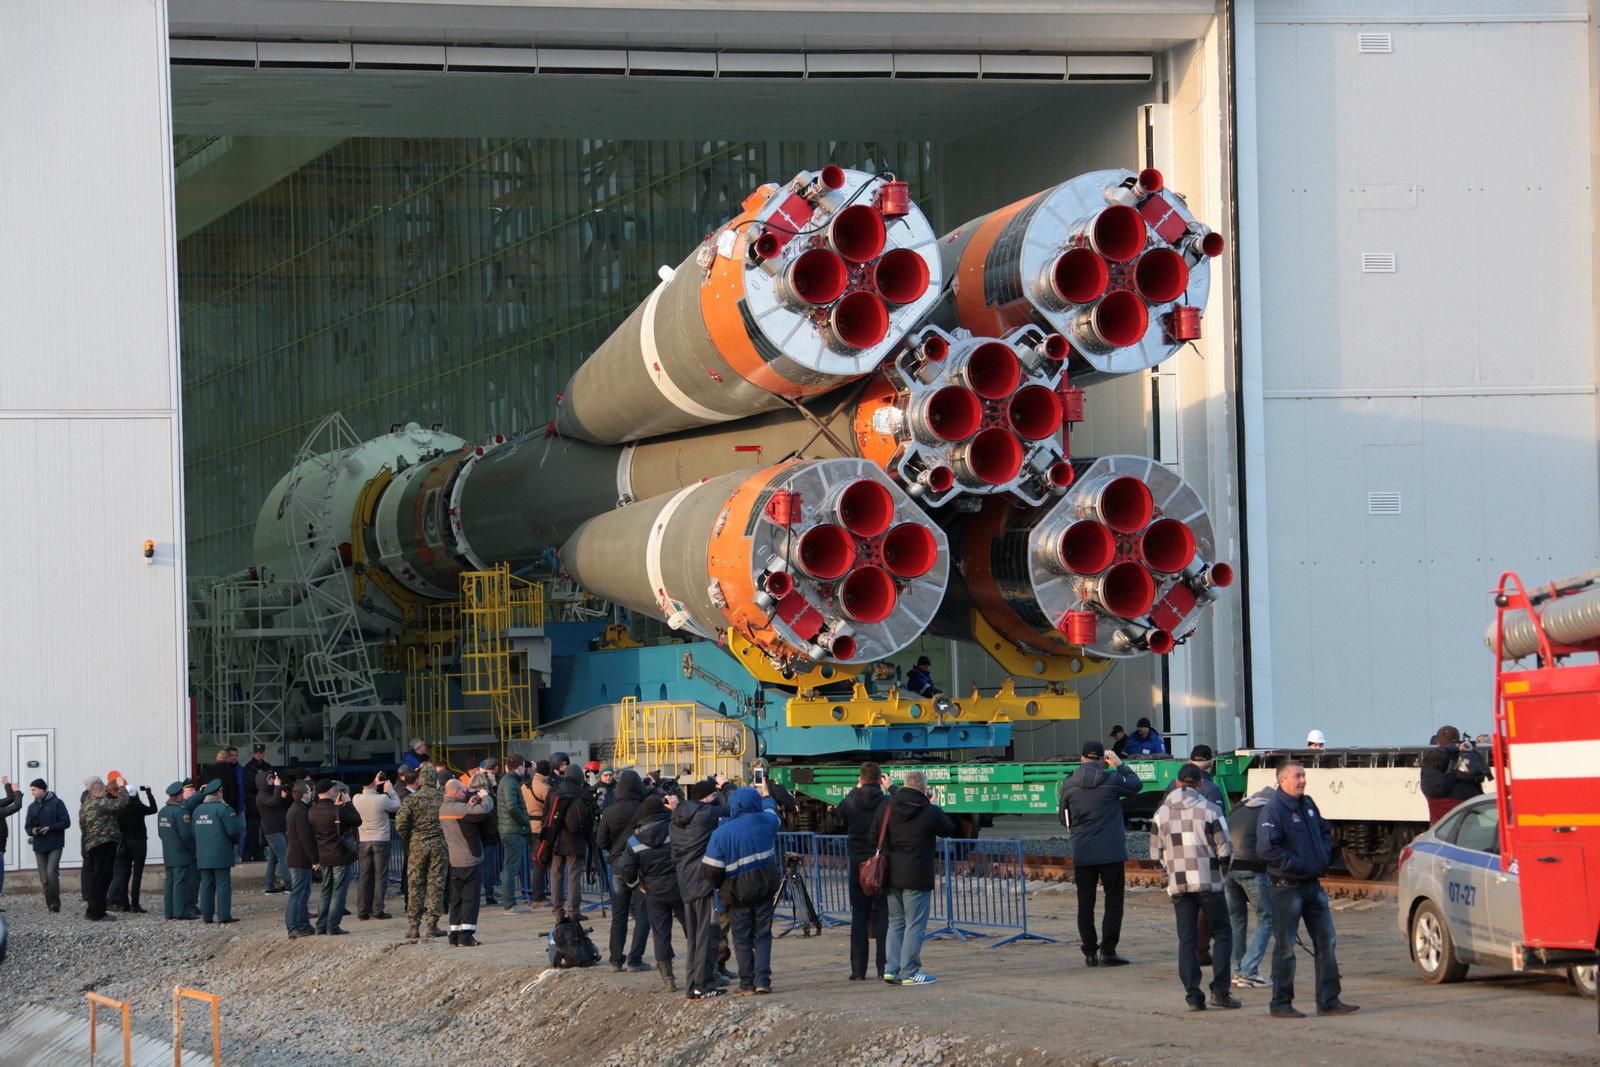 На космодроме Восточный установили ракету-носитель «Союз 2.1а» для первого запуска - 4